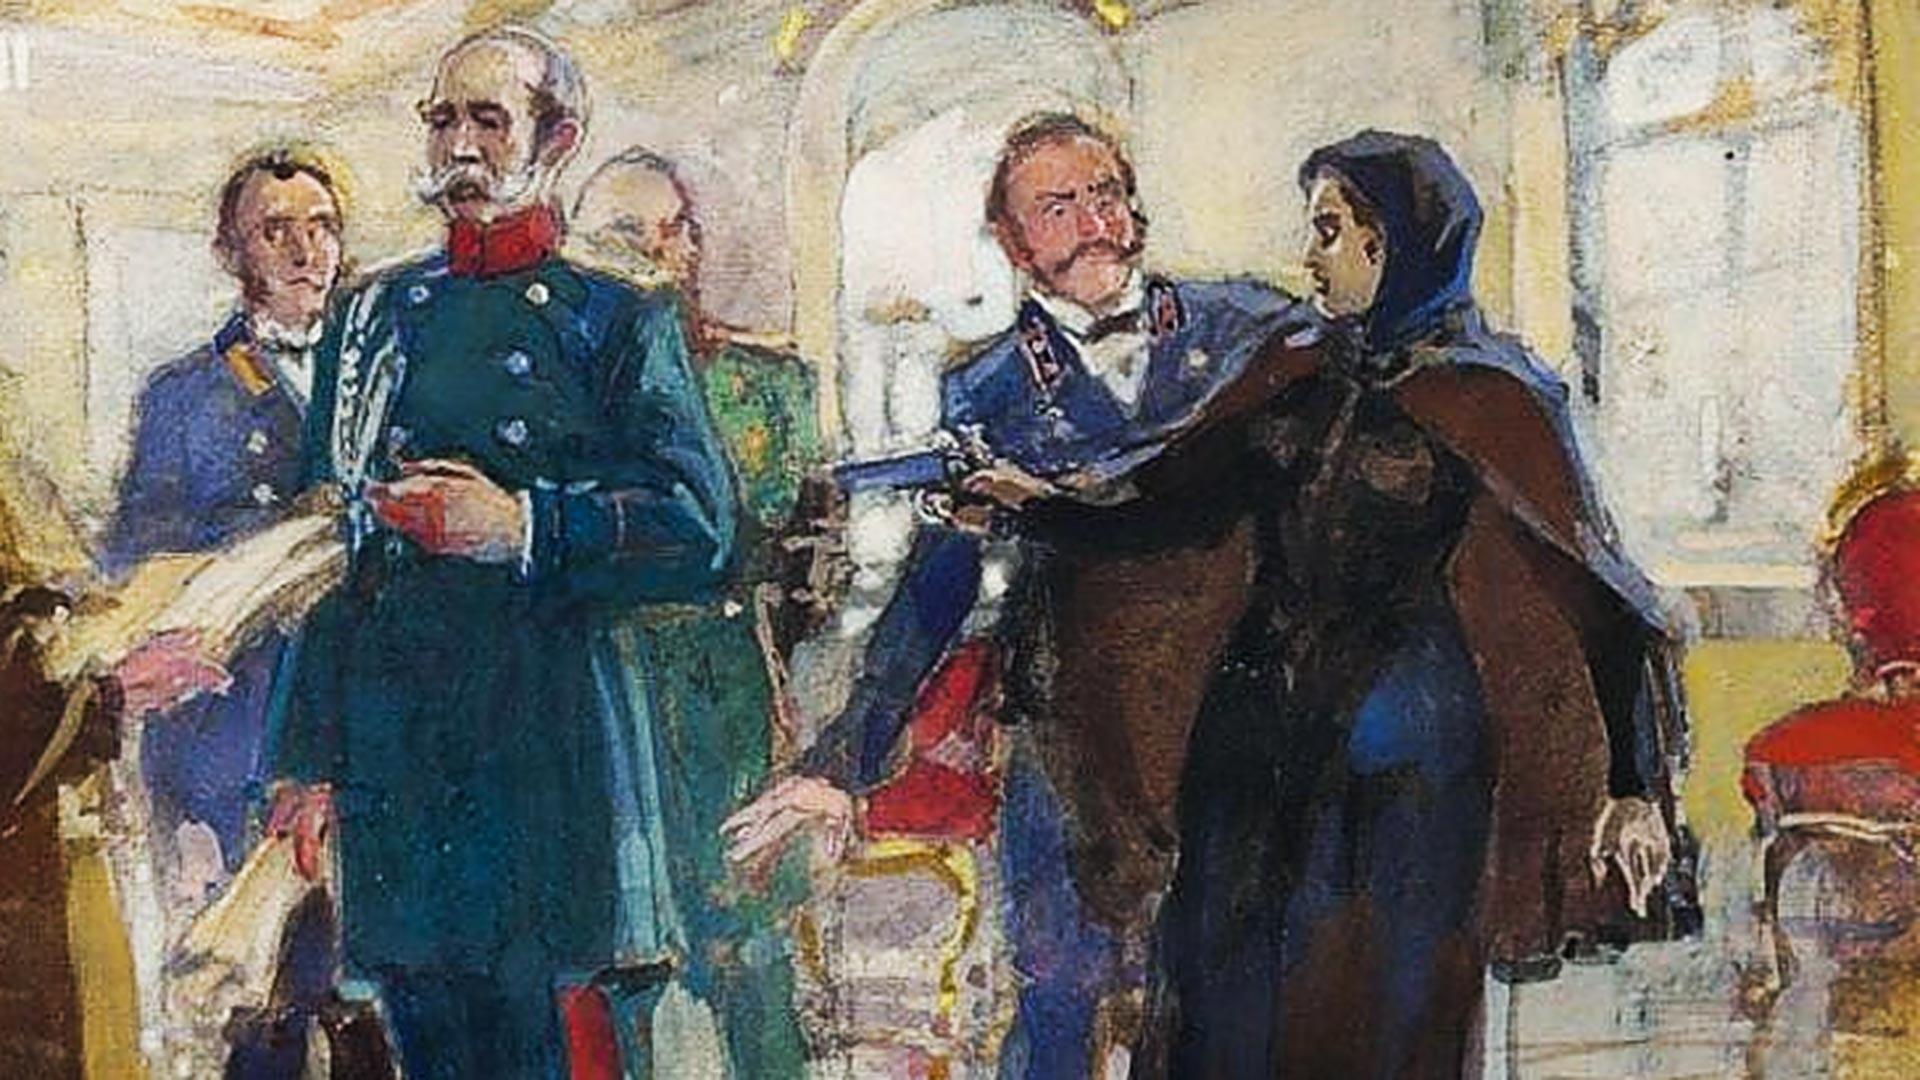 Руската революционерка Вера Засулич (1849-1919), която се опитва да убие Фьодор Трепов (1803-1889), началник на полицията в Санкт Петербург (1860-1878). Тя обаче успява само да го рани. Съдебният процес я оневинява.